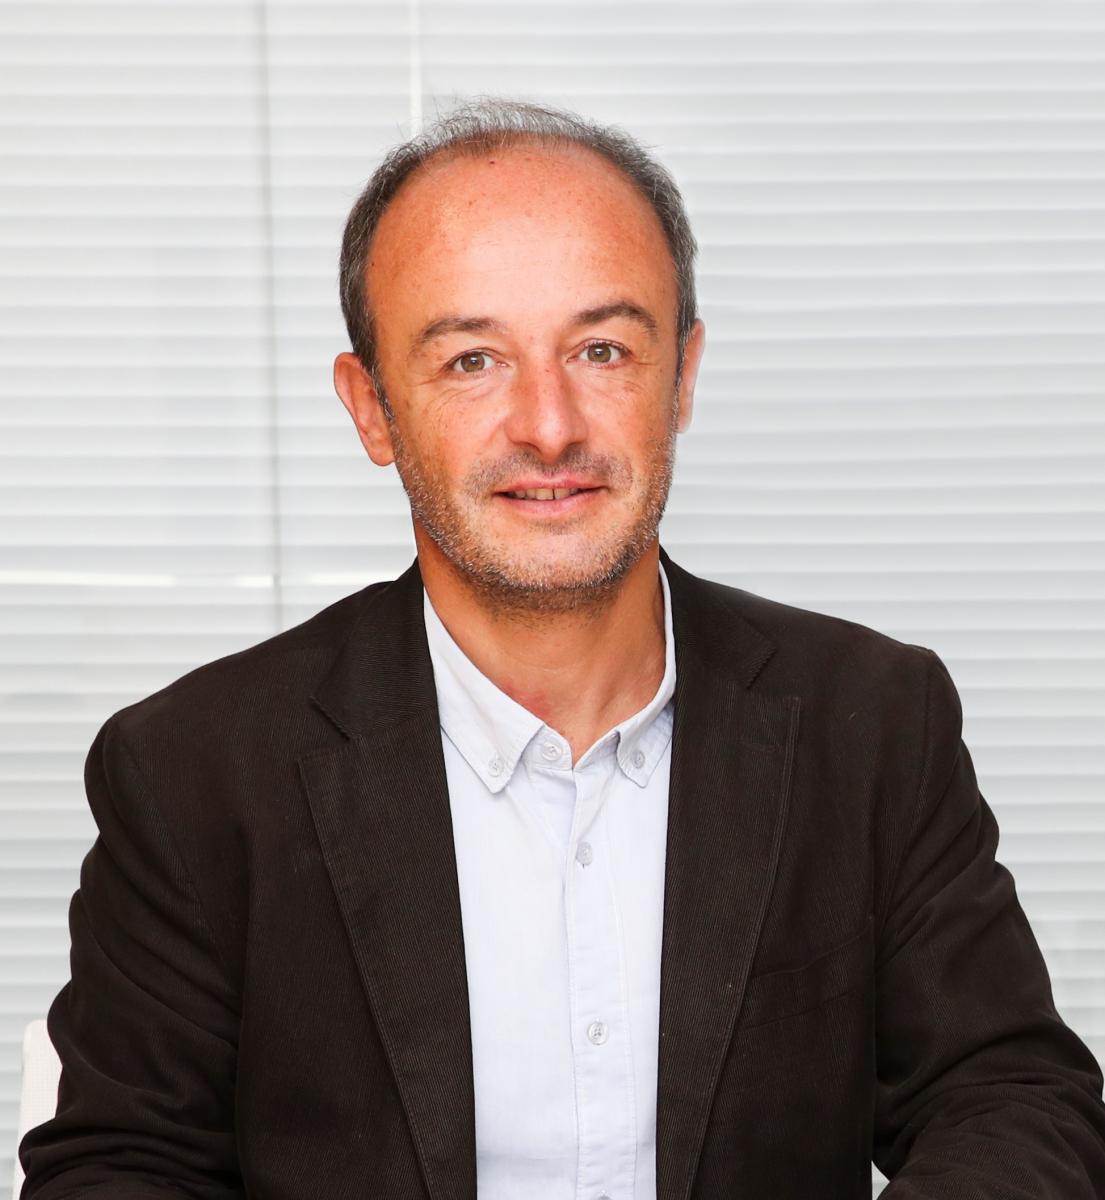 Safran Helicopter Engines : Sébastien Jaulerry devient directeur du Support et des Services